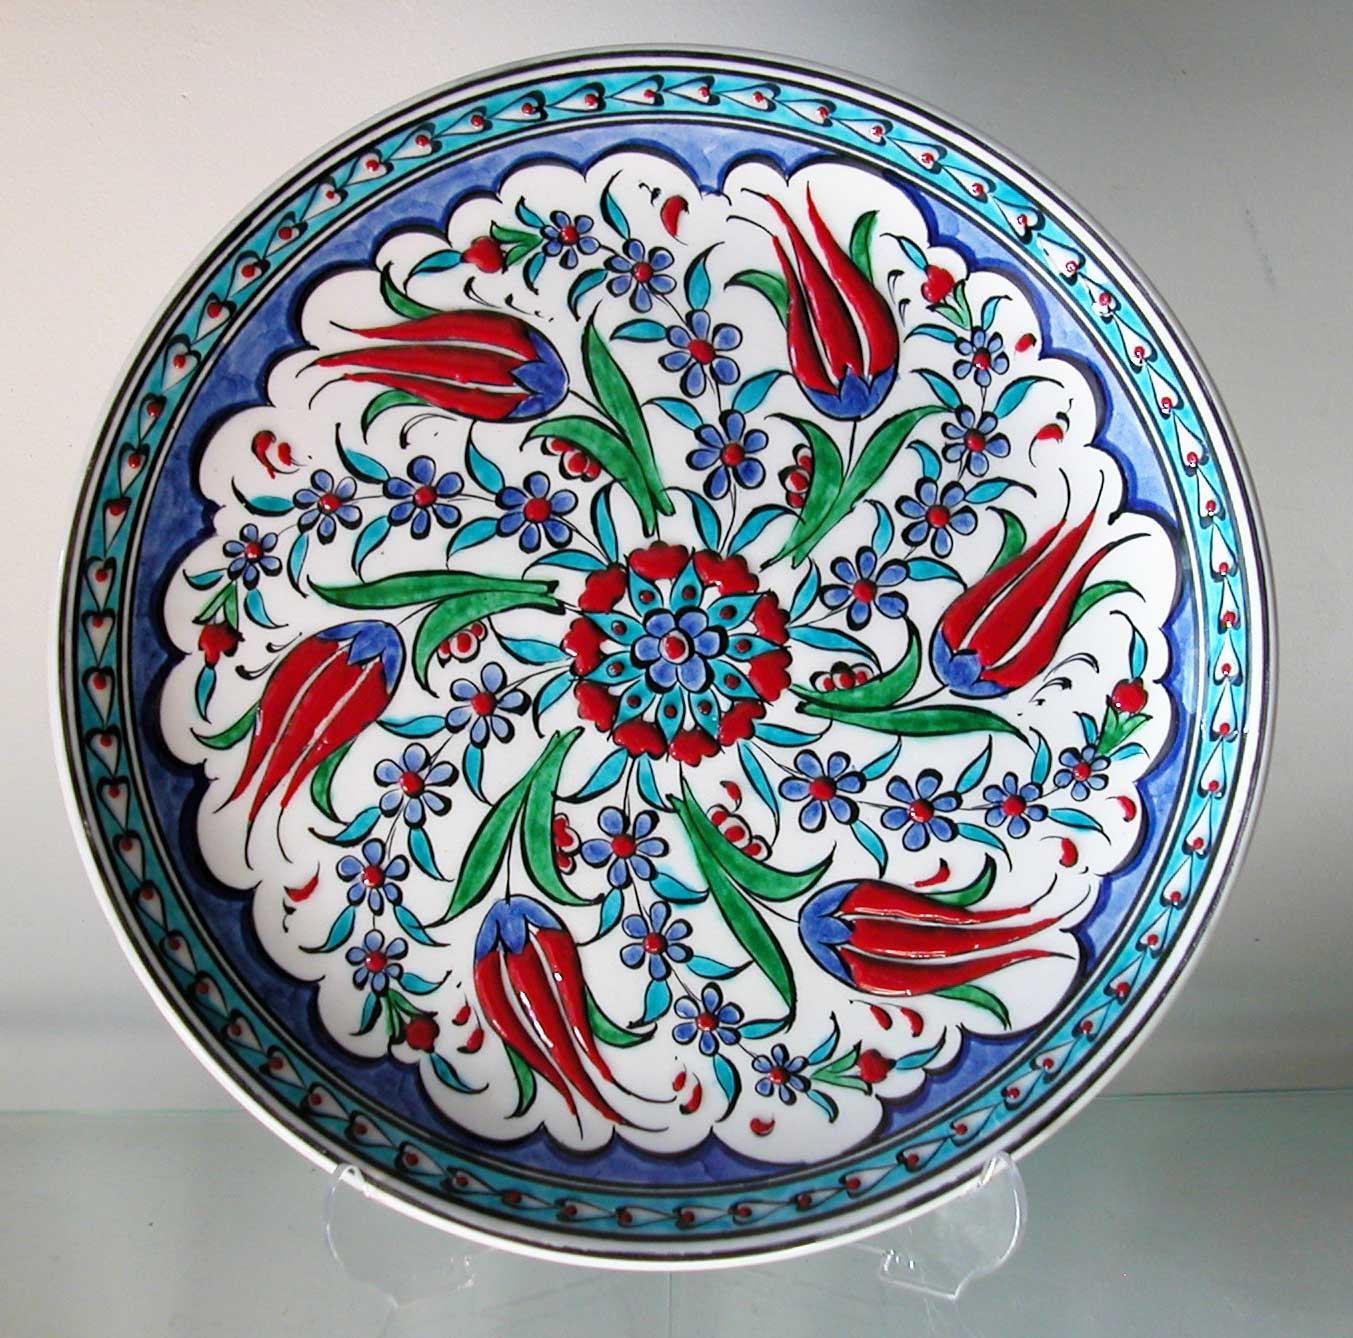 Türkiye yi temsil edecek en güzel geleneksel hediyeler  Duvar ve Vitrin Süslemesi İçin Dekoratif Hediyeler